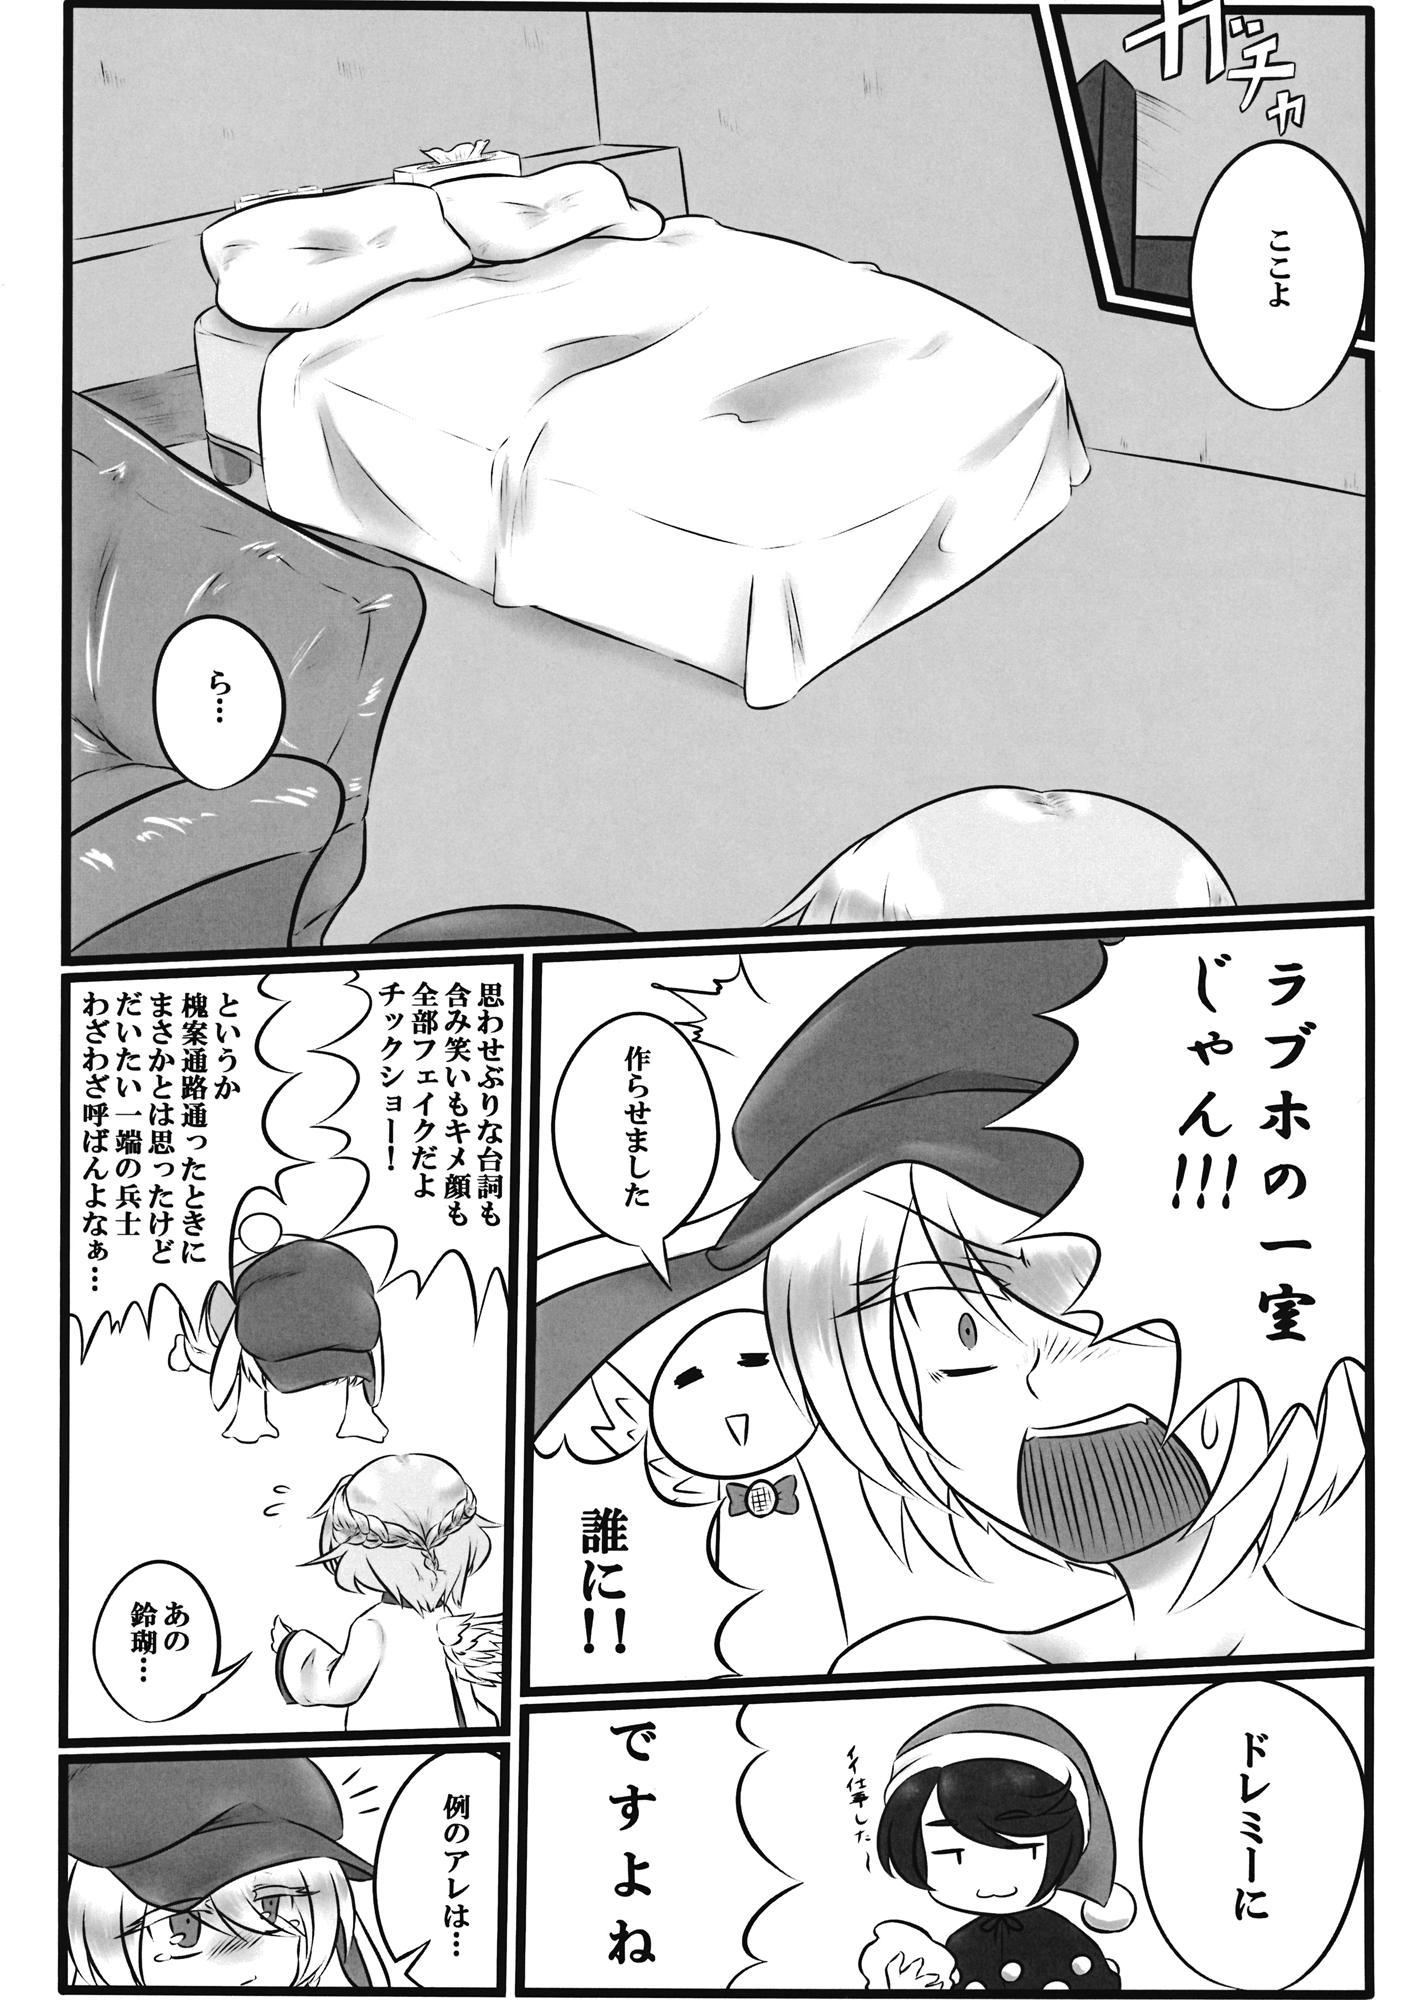 Gekka Chishin 6